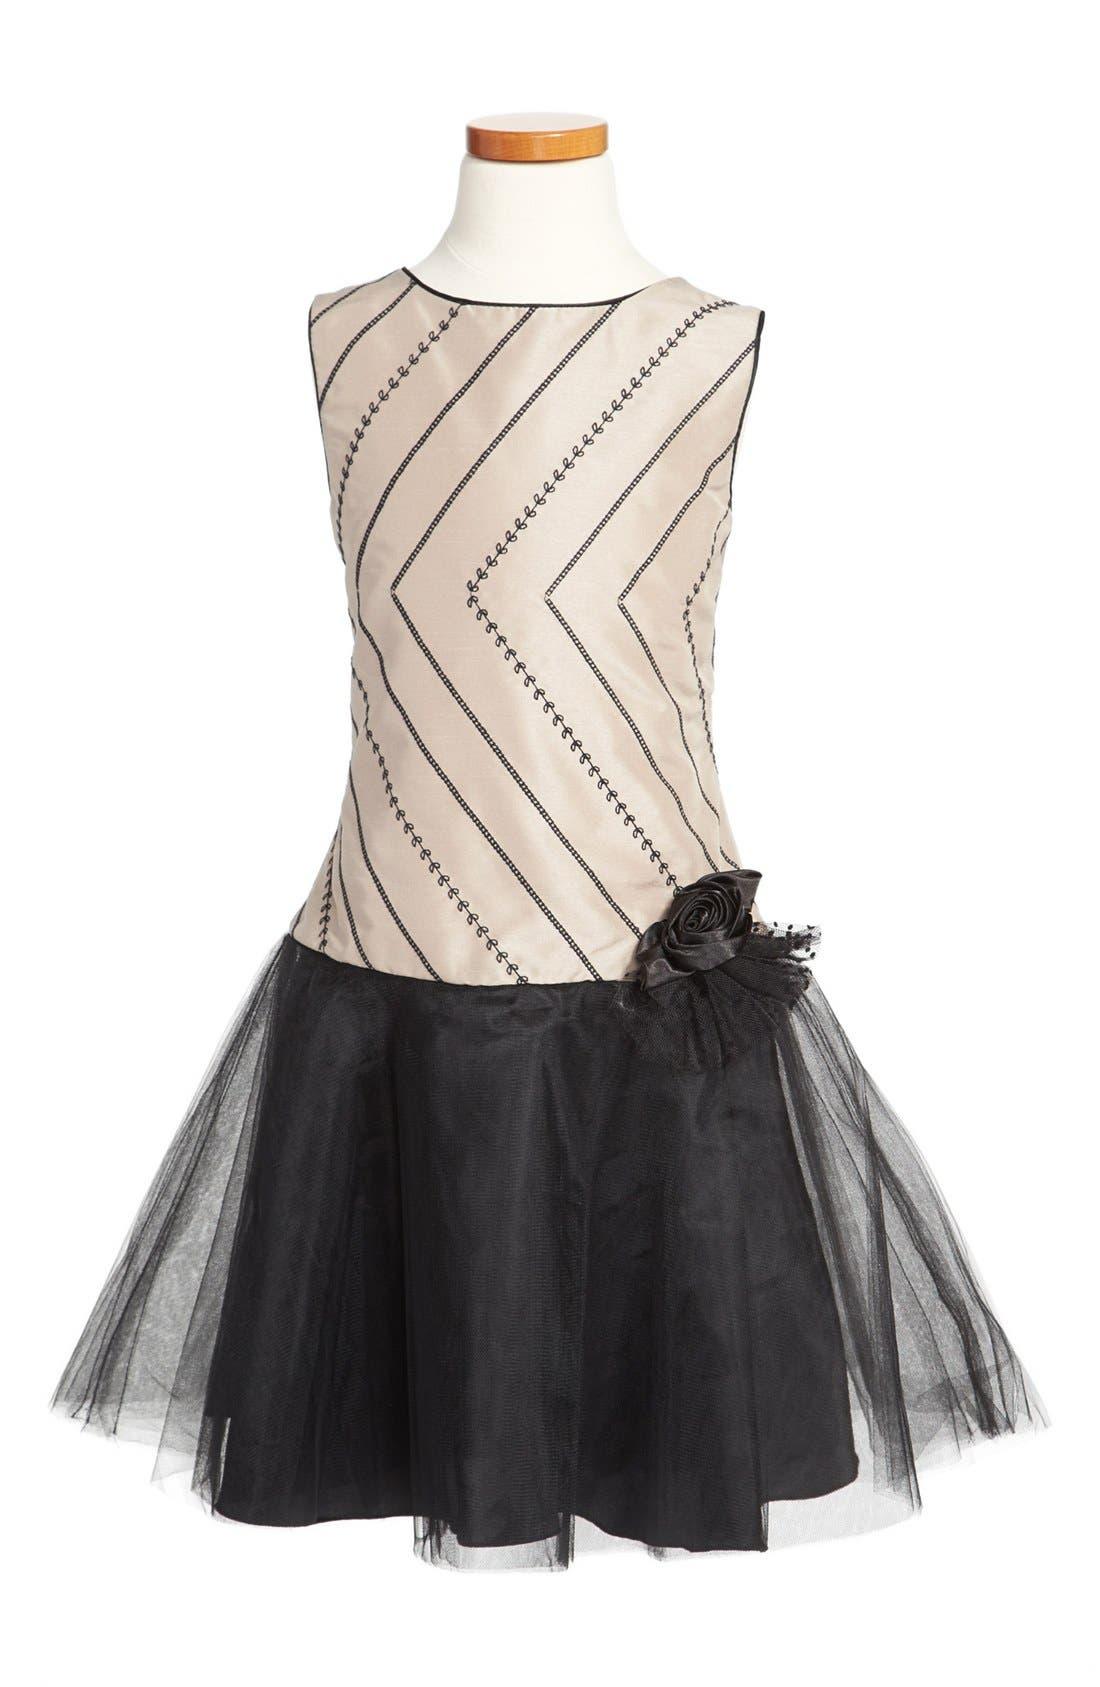 Alternate Image 1 Selected - Dorissa Drop Waist Dress (Big Girls)